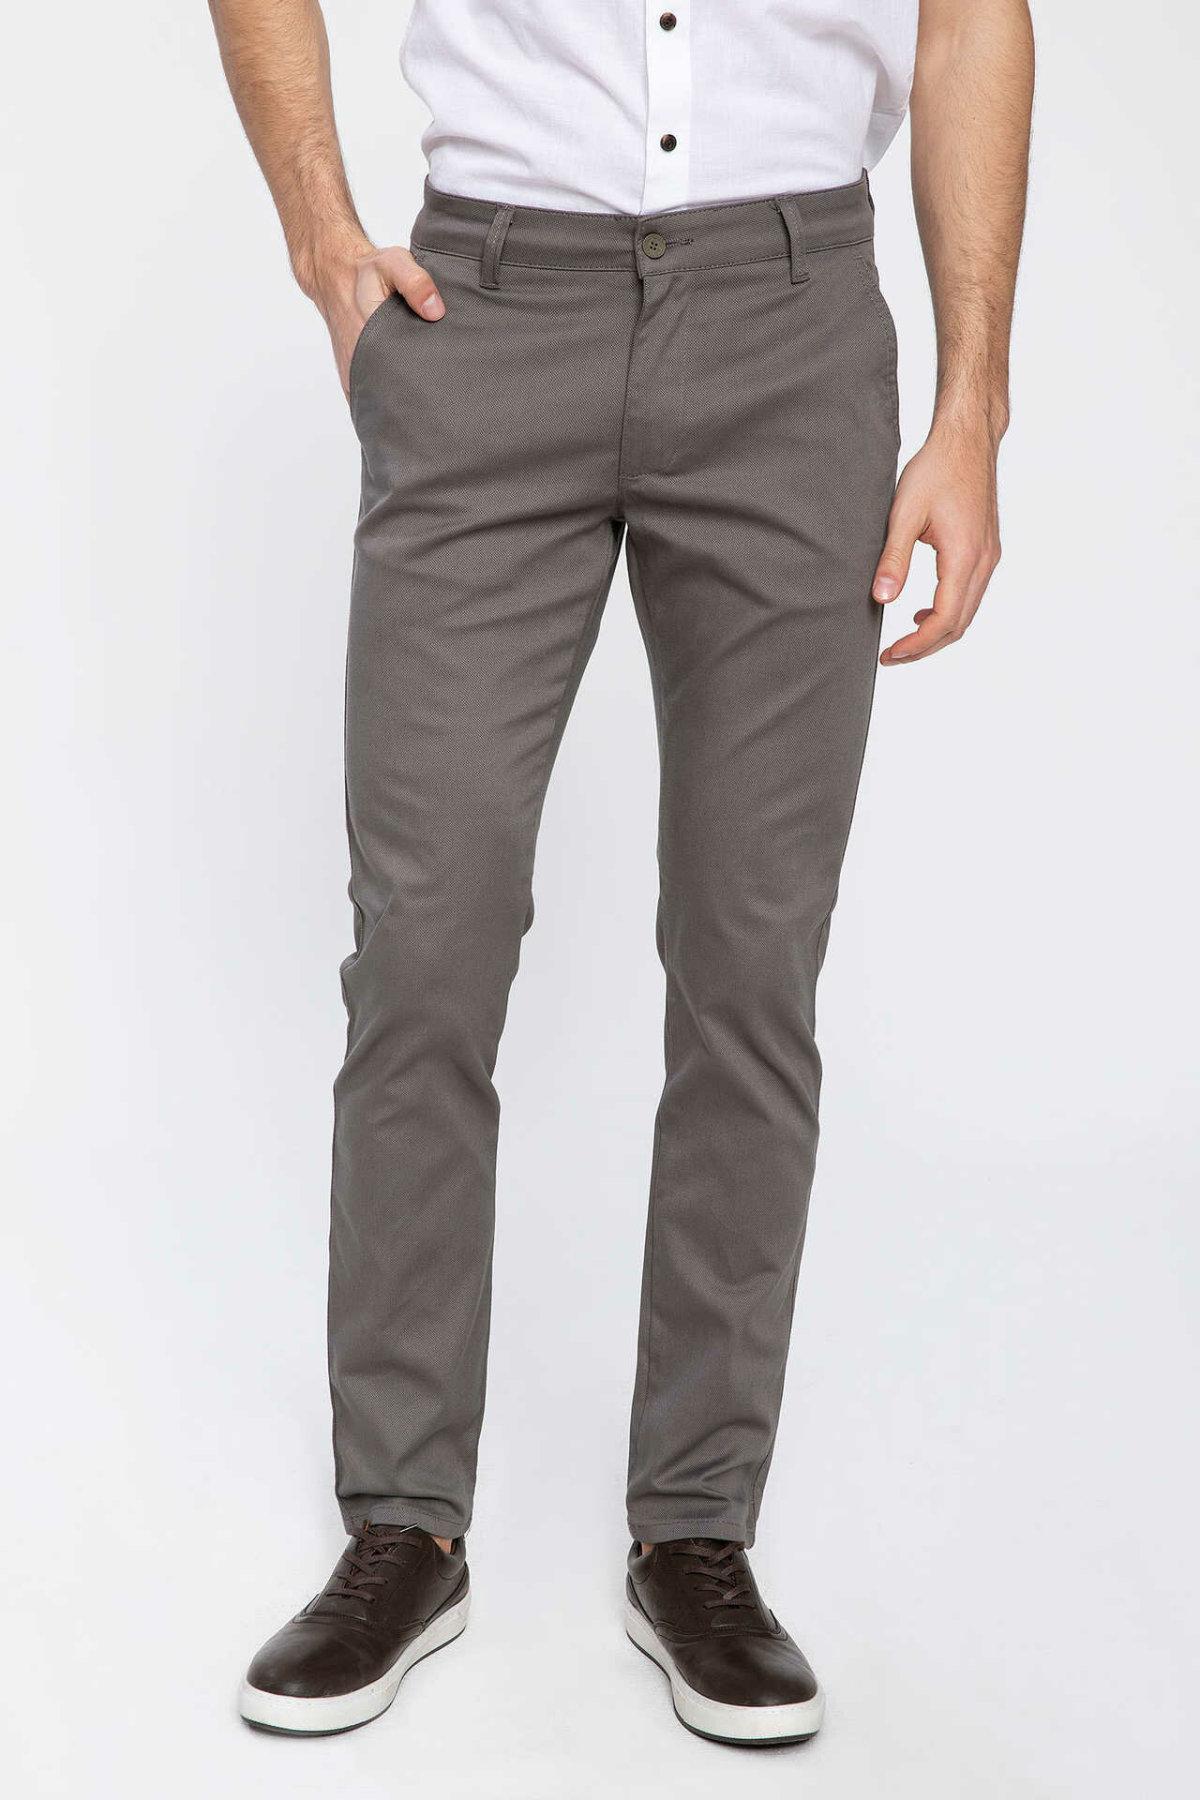 DeFacto Men Solid Fashion Cargo Pants Casual Trousers Straight Leisure For Men's Cotton Pant Autumn Spring-K0229AZ19SP